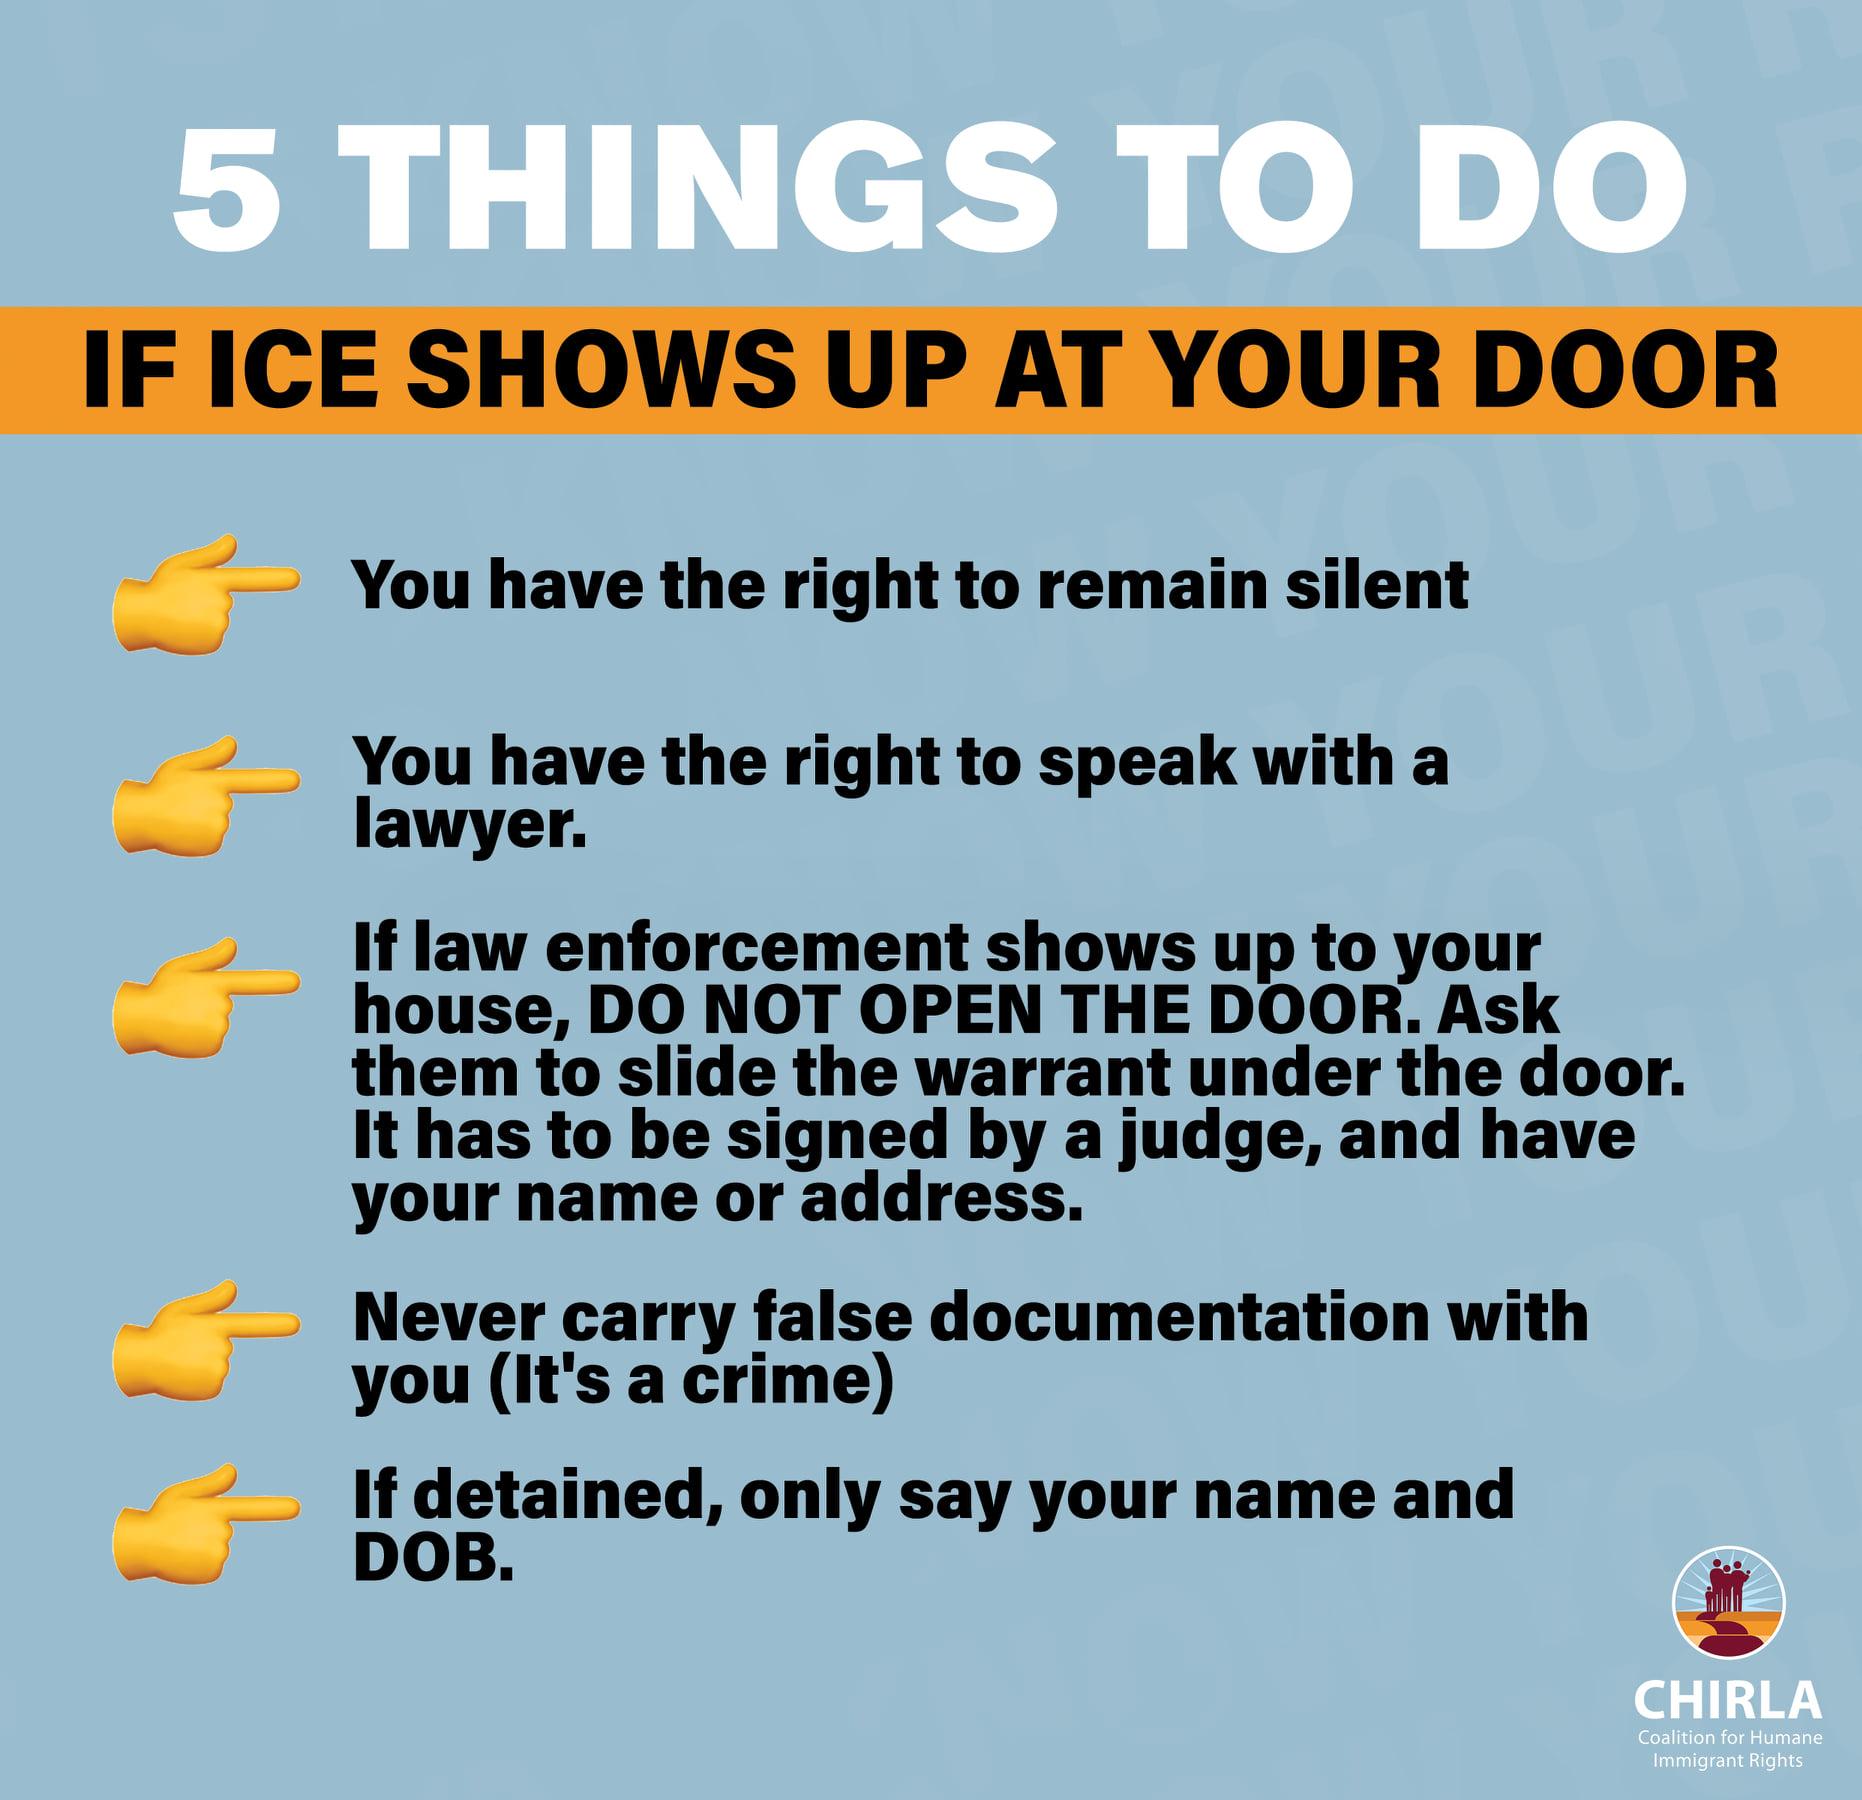 5 cosas que debe hacer si ICE aparece en su puerta